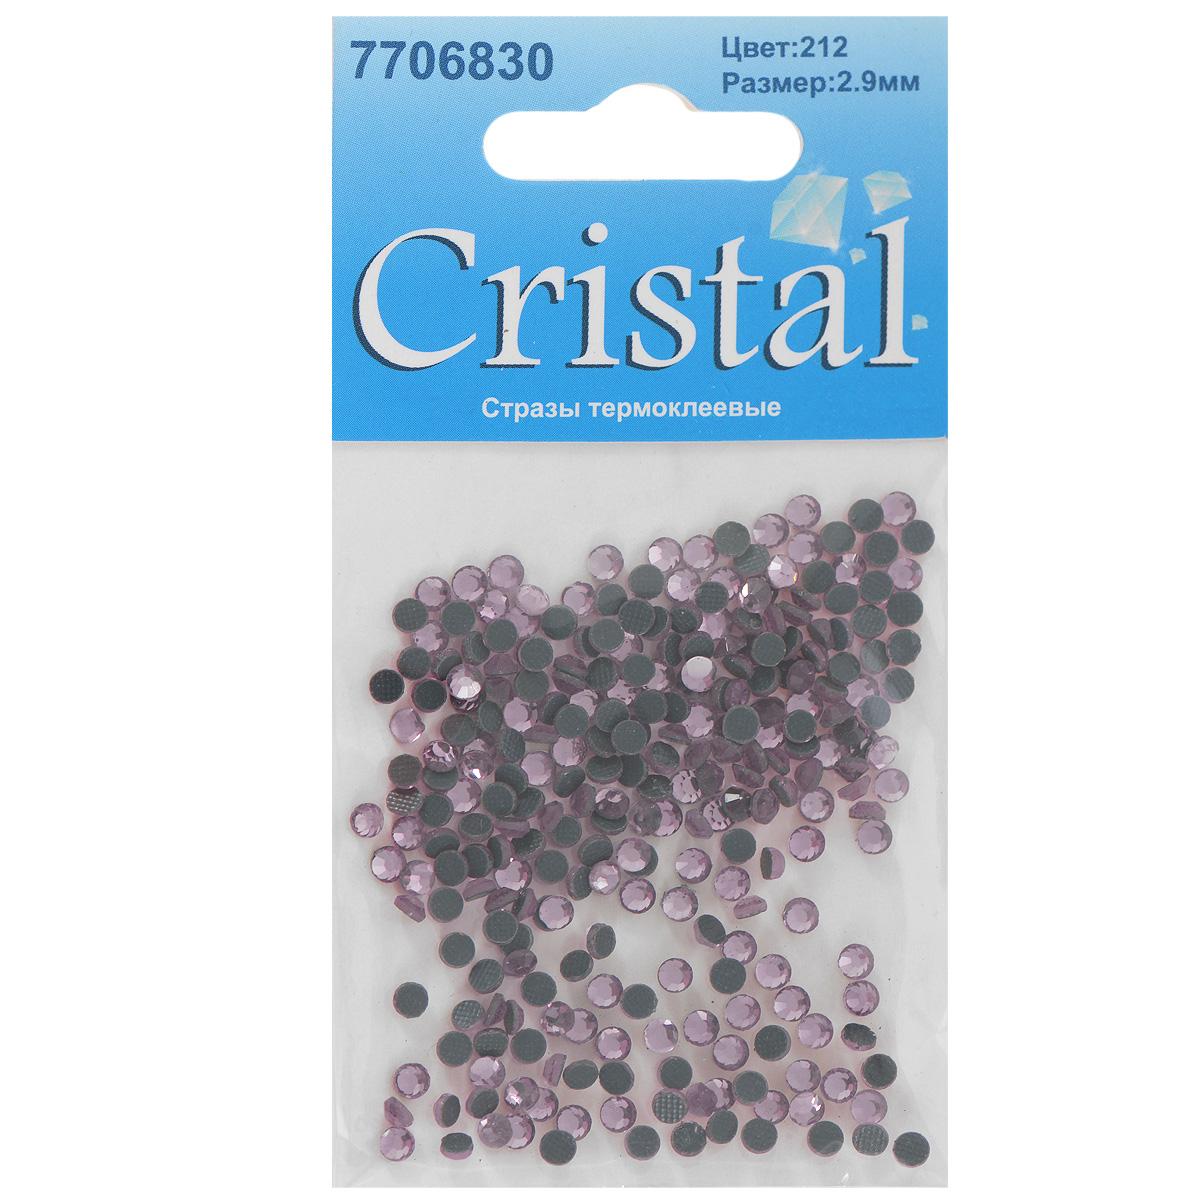 Стразы термоклеевые Cristal, цвет: бледно-розовый (212), диаметр 2,9 мм, 288 шт7706830_212Набор термоклеевых страз Cristal, изготовленный из высококачественного акрила, позволит вам украсить одежду, аксессуары или текстиль. Яркие стразы имеют плоское дно и круглую поверхность с гранями. Дно термоклеевых страз уже обработано особым клеем, который под воздействием высоких температур начинает плавиться, приклеиваясь, таким образом, к требуемой поверхности. Чаще всего их используют в текстильной промышленности: стразы прикладывают к ткани и проглаживают утюгом с обратной стороны. Также можно использовать специальный паяльник. Украшение стразами поможет сделать любую вещь оригинальной и неповторимой. Диаметр страз: 2,9 мм.